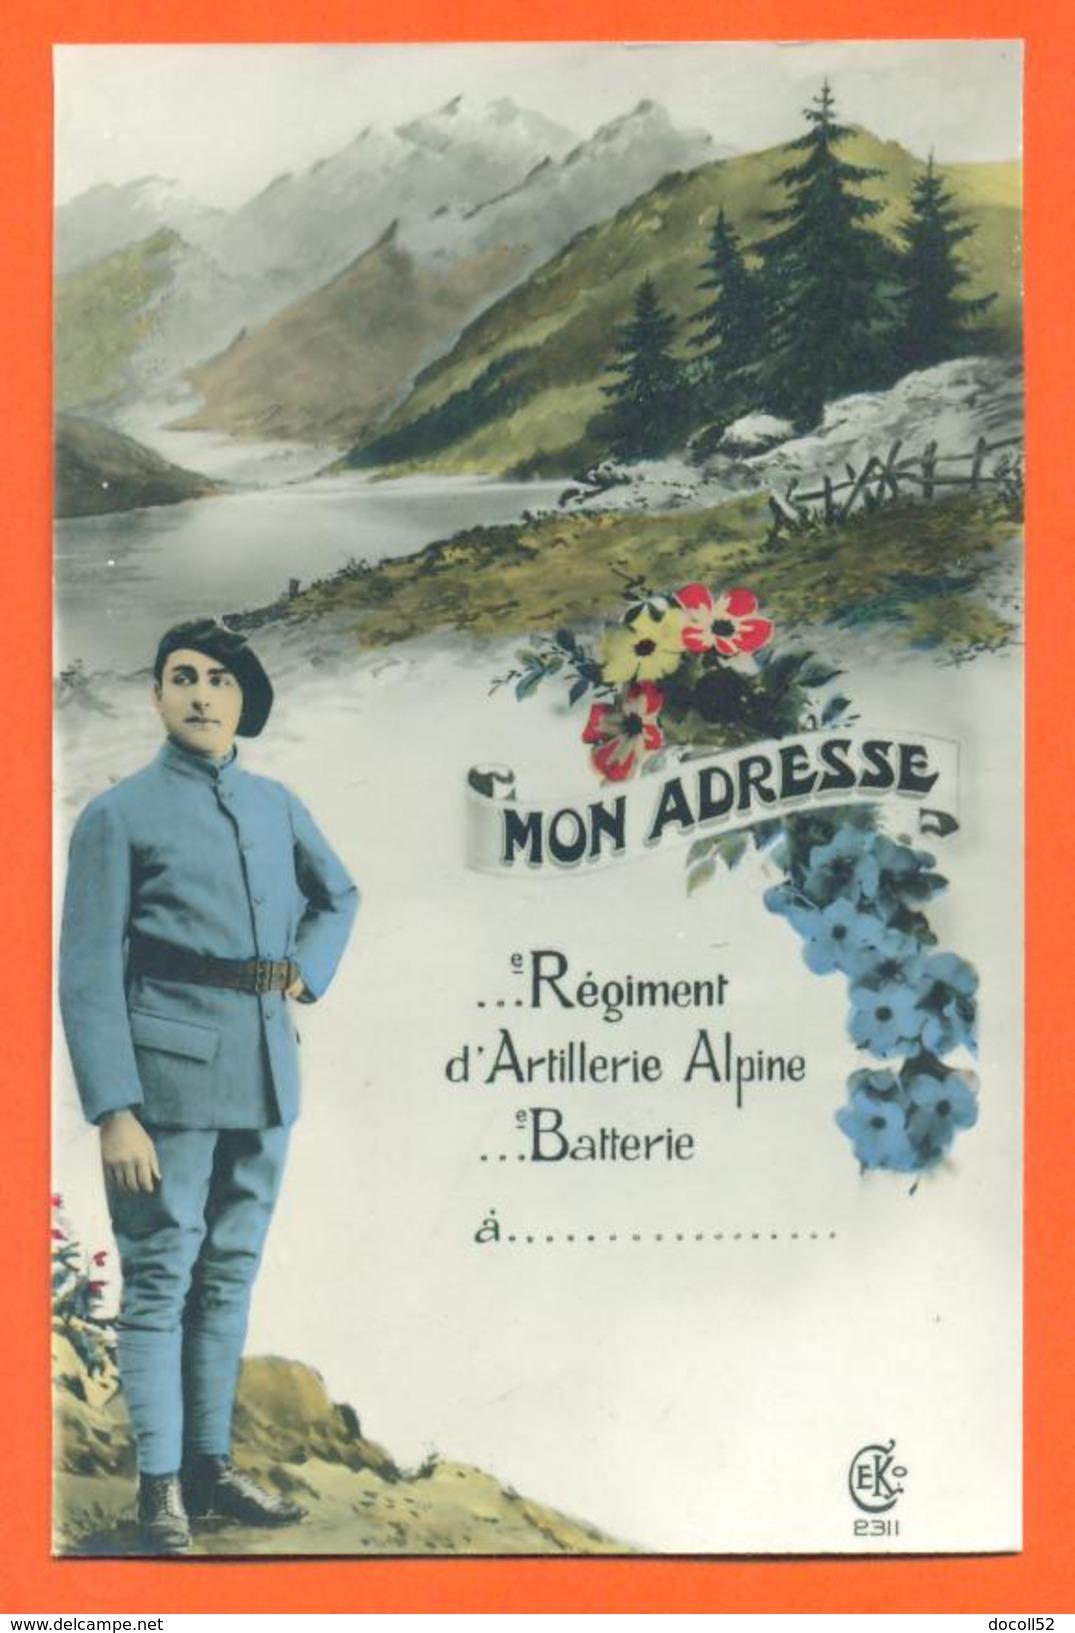 """CPA Militaria """" Mon Adresse - Regiment D'artillerie Alpine """" Chasseur Alpin - FJC 18 - Regiments"""